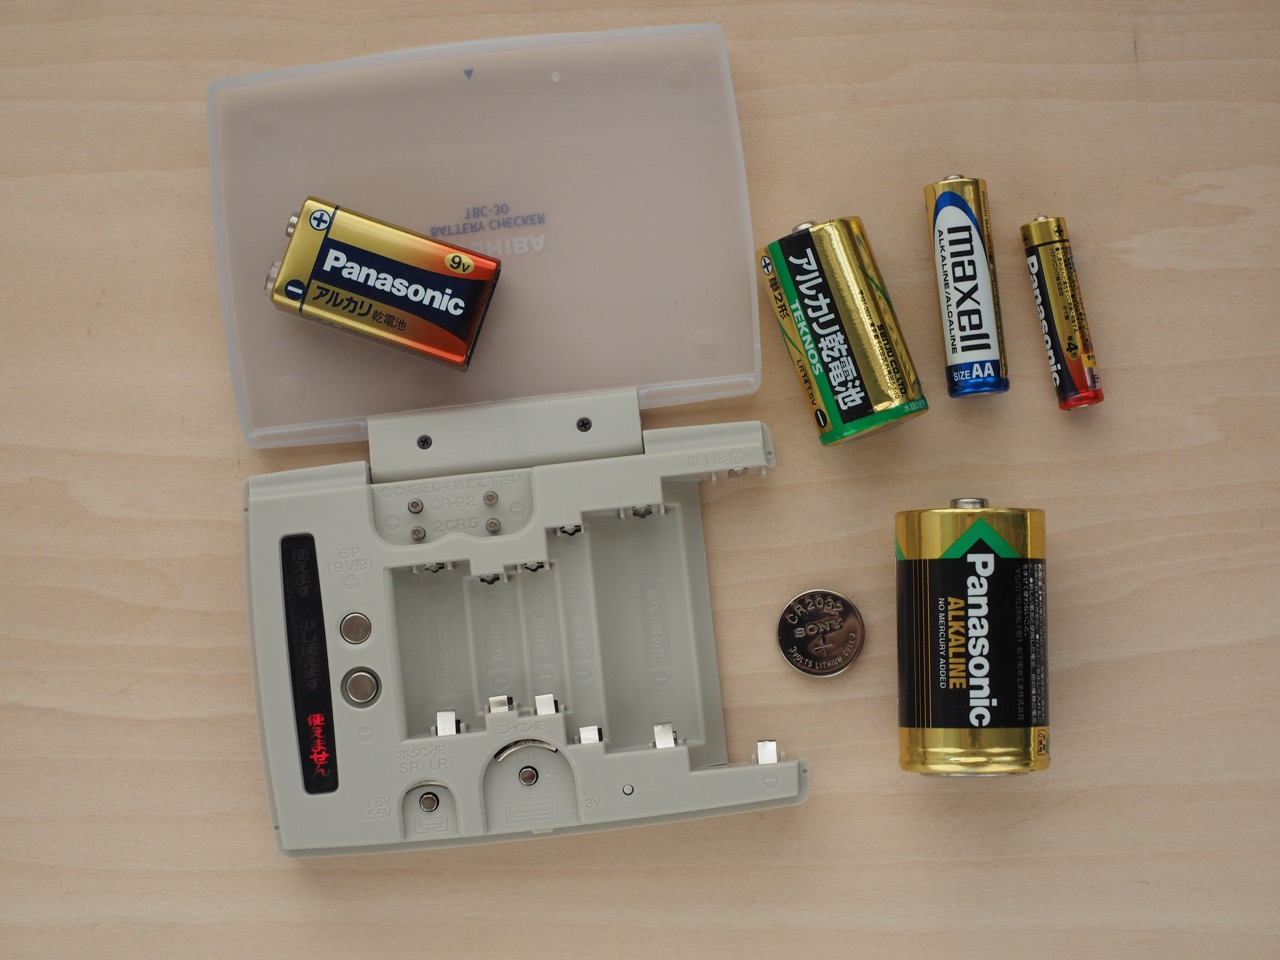 ボタン電池も測れるバッテリーチェッカー